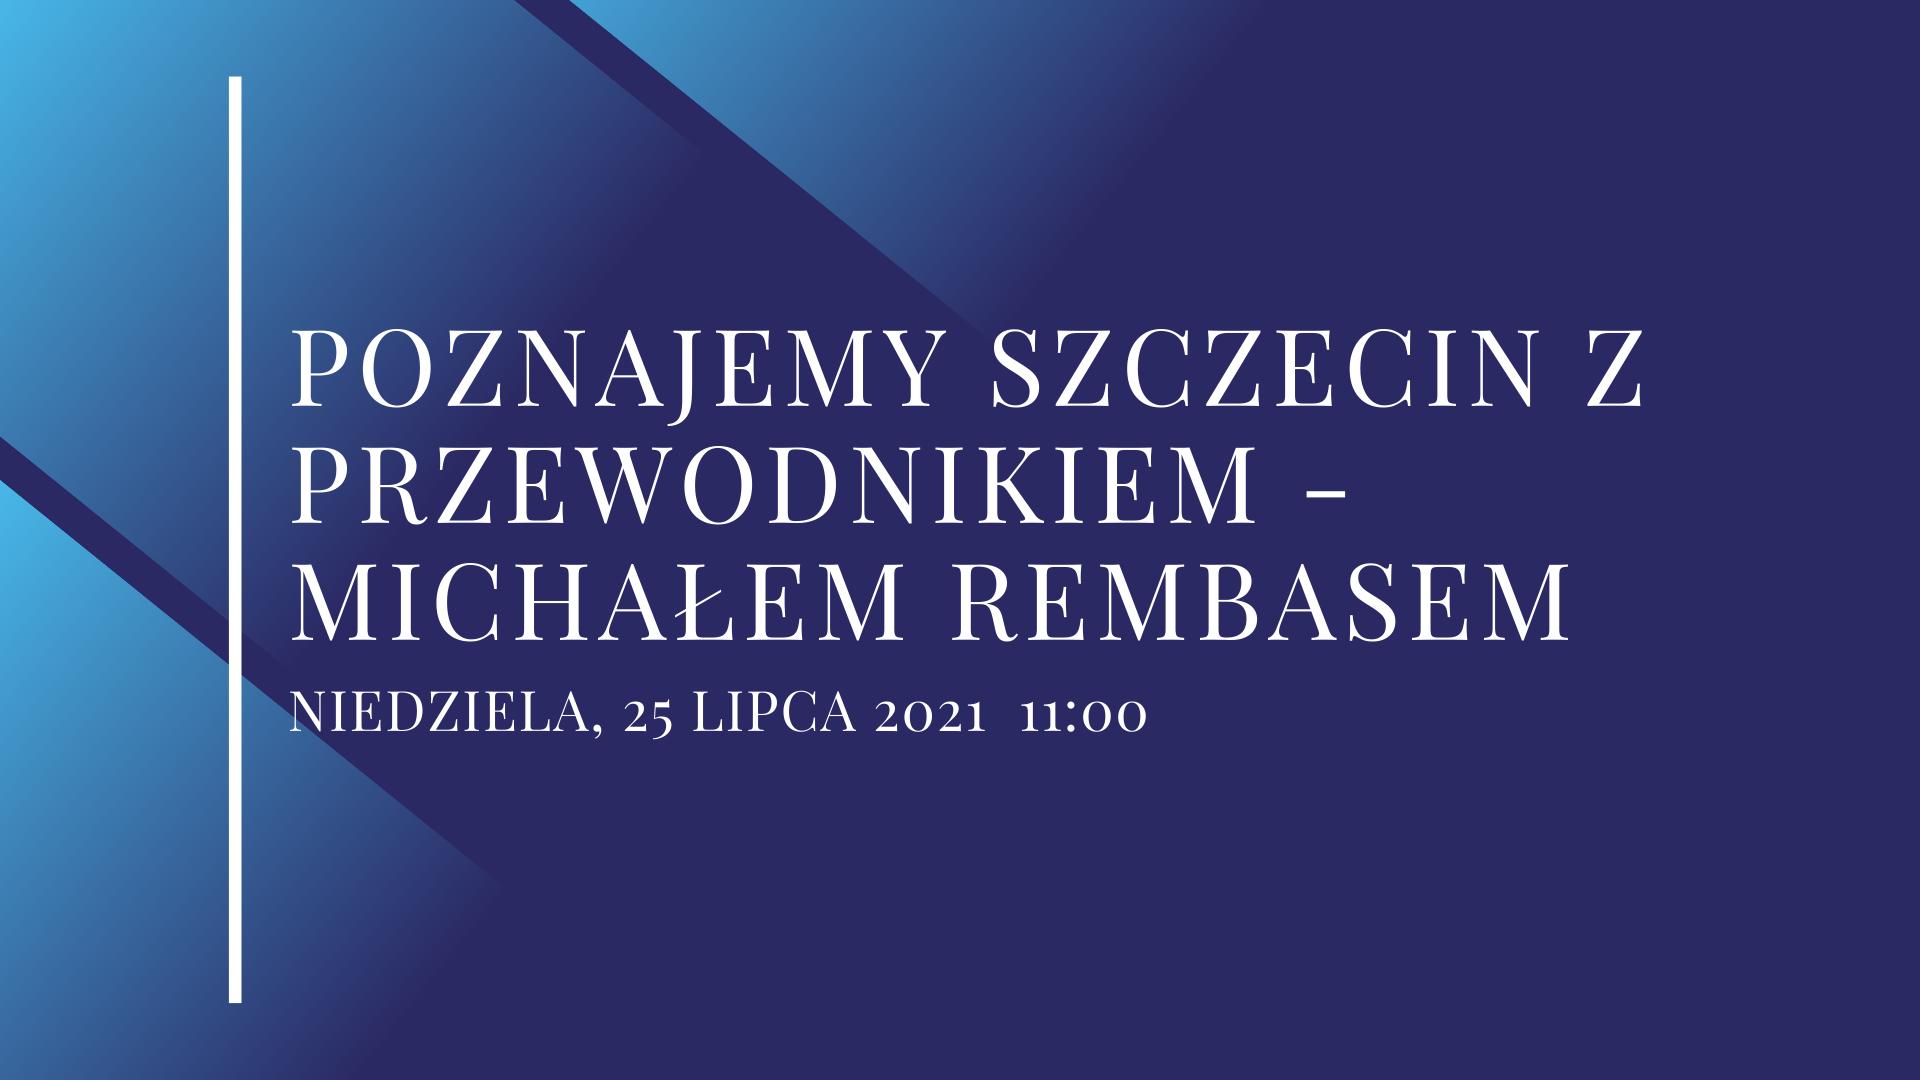 Na granatowym tle znajduje się biały napis Poznajemy Szczecin z Przewodnikiem - Michałem RembasemNIEDZIELA, 25 LIPCA 2021 11:00